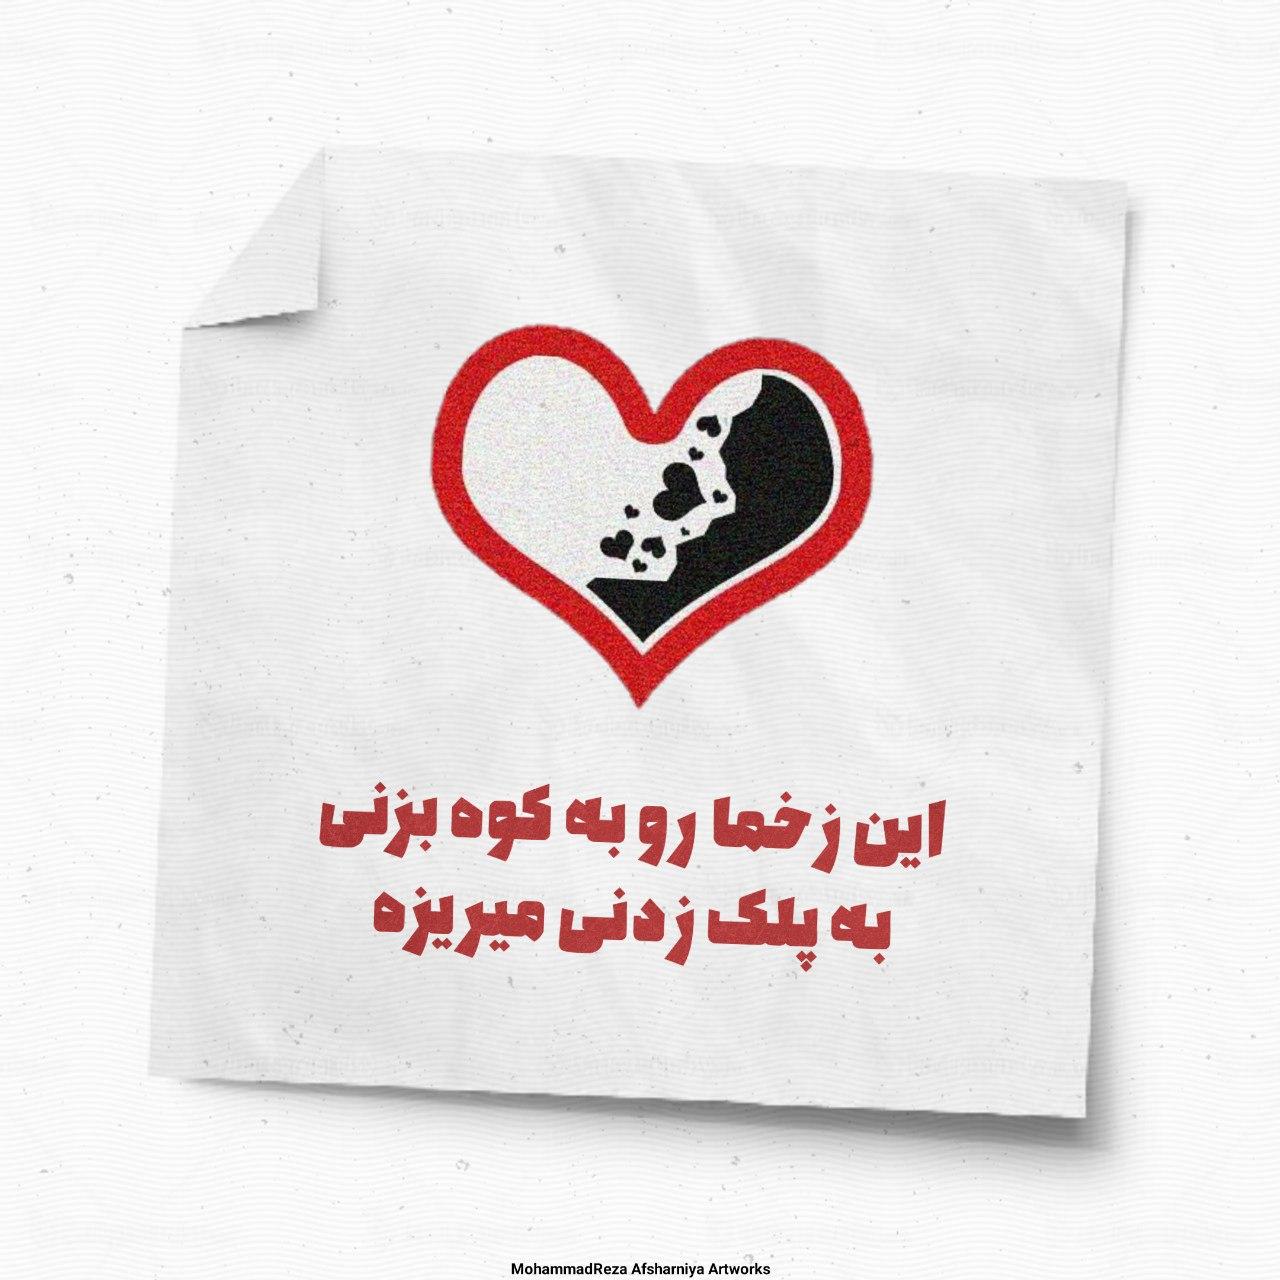 عکس پروفایل لاکچری به پلک زدنی میریزه.. #احسان_خواجه_امیری